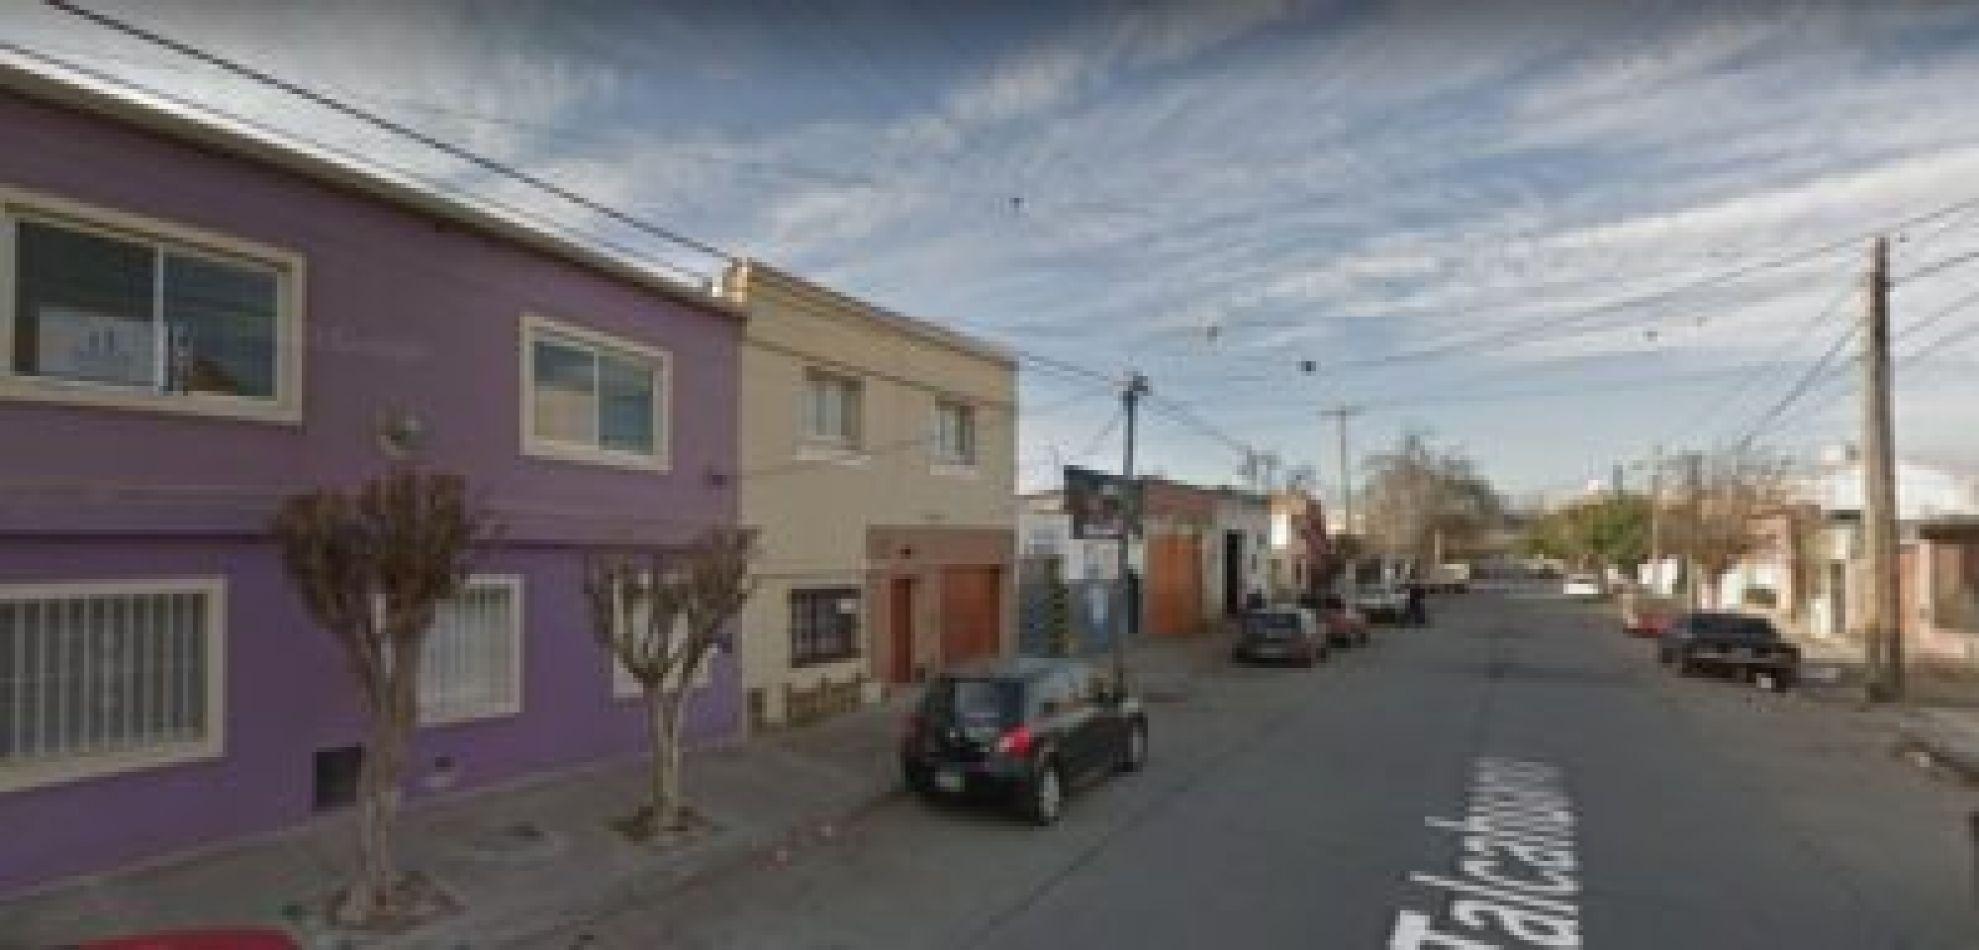 Homicidio y muerte de dos mujeres en el centro de Salta: se conocieron detalles de lo sucedido